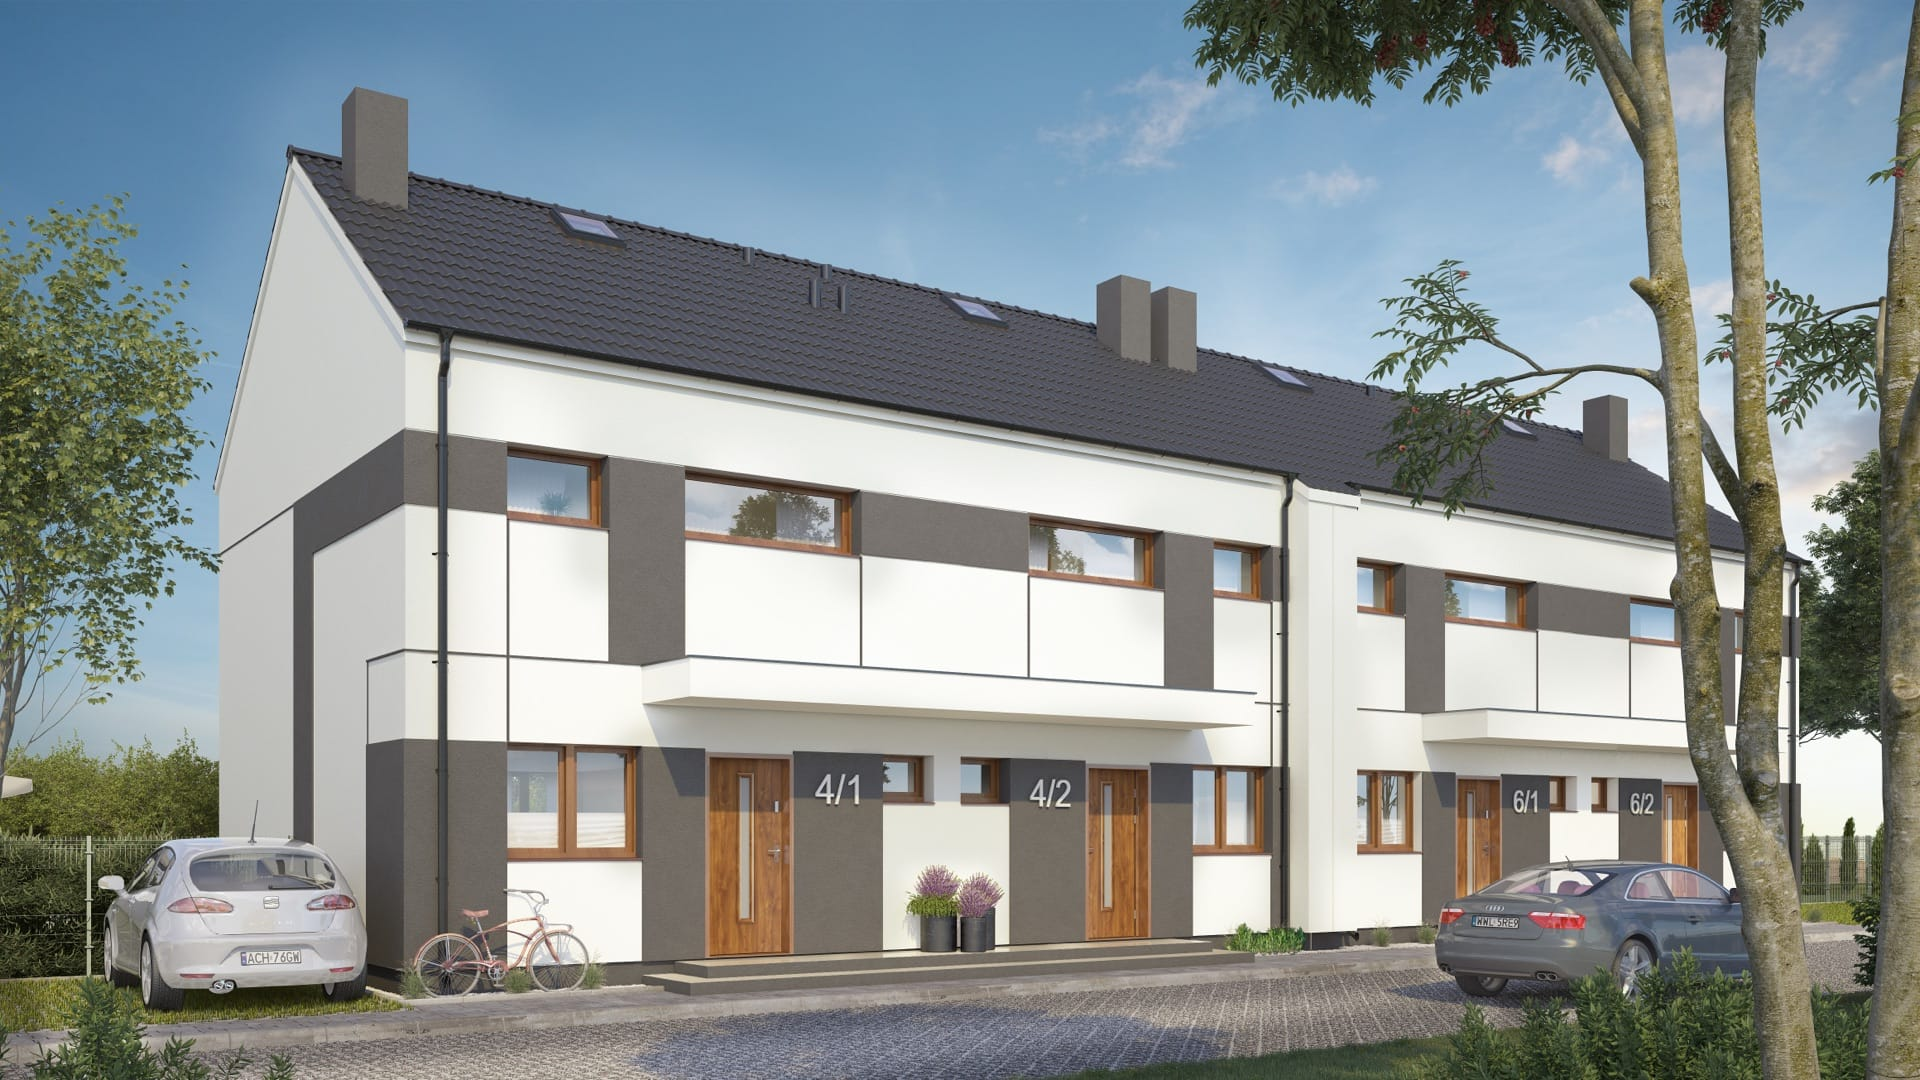 Nowe mieszkanie Komorniki Żabikowska